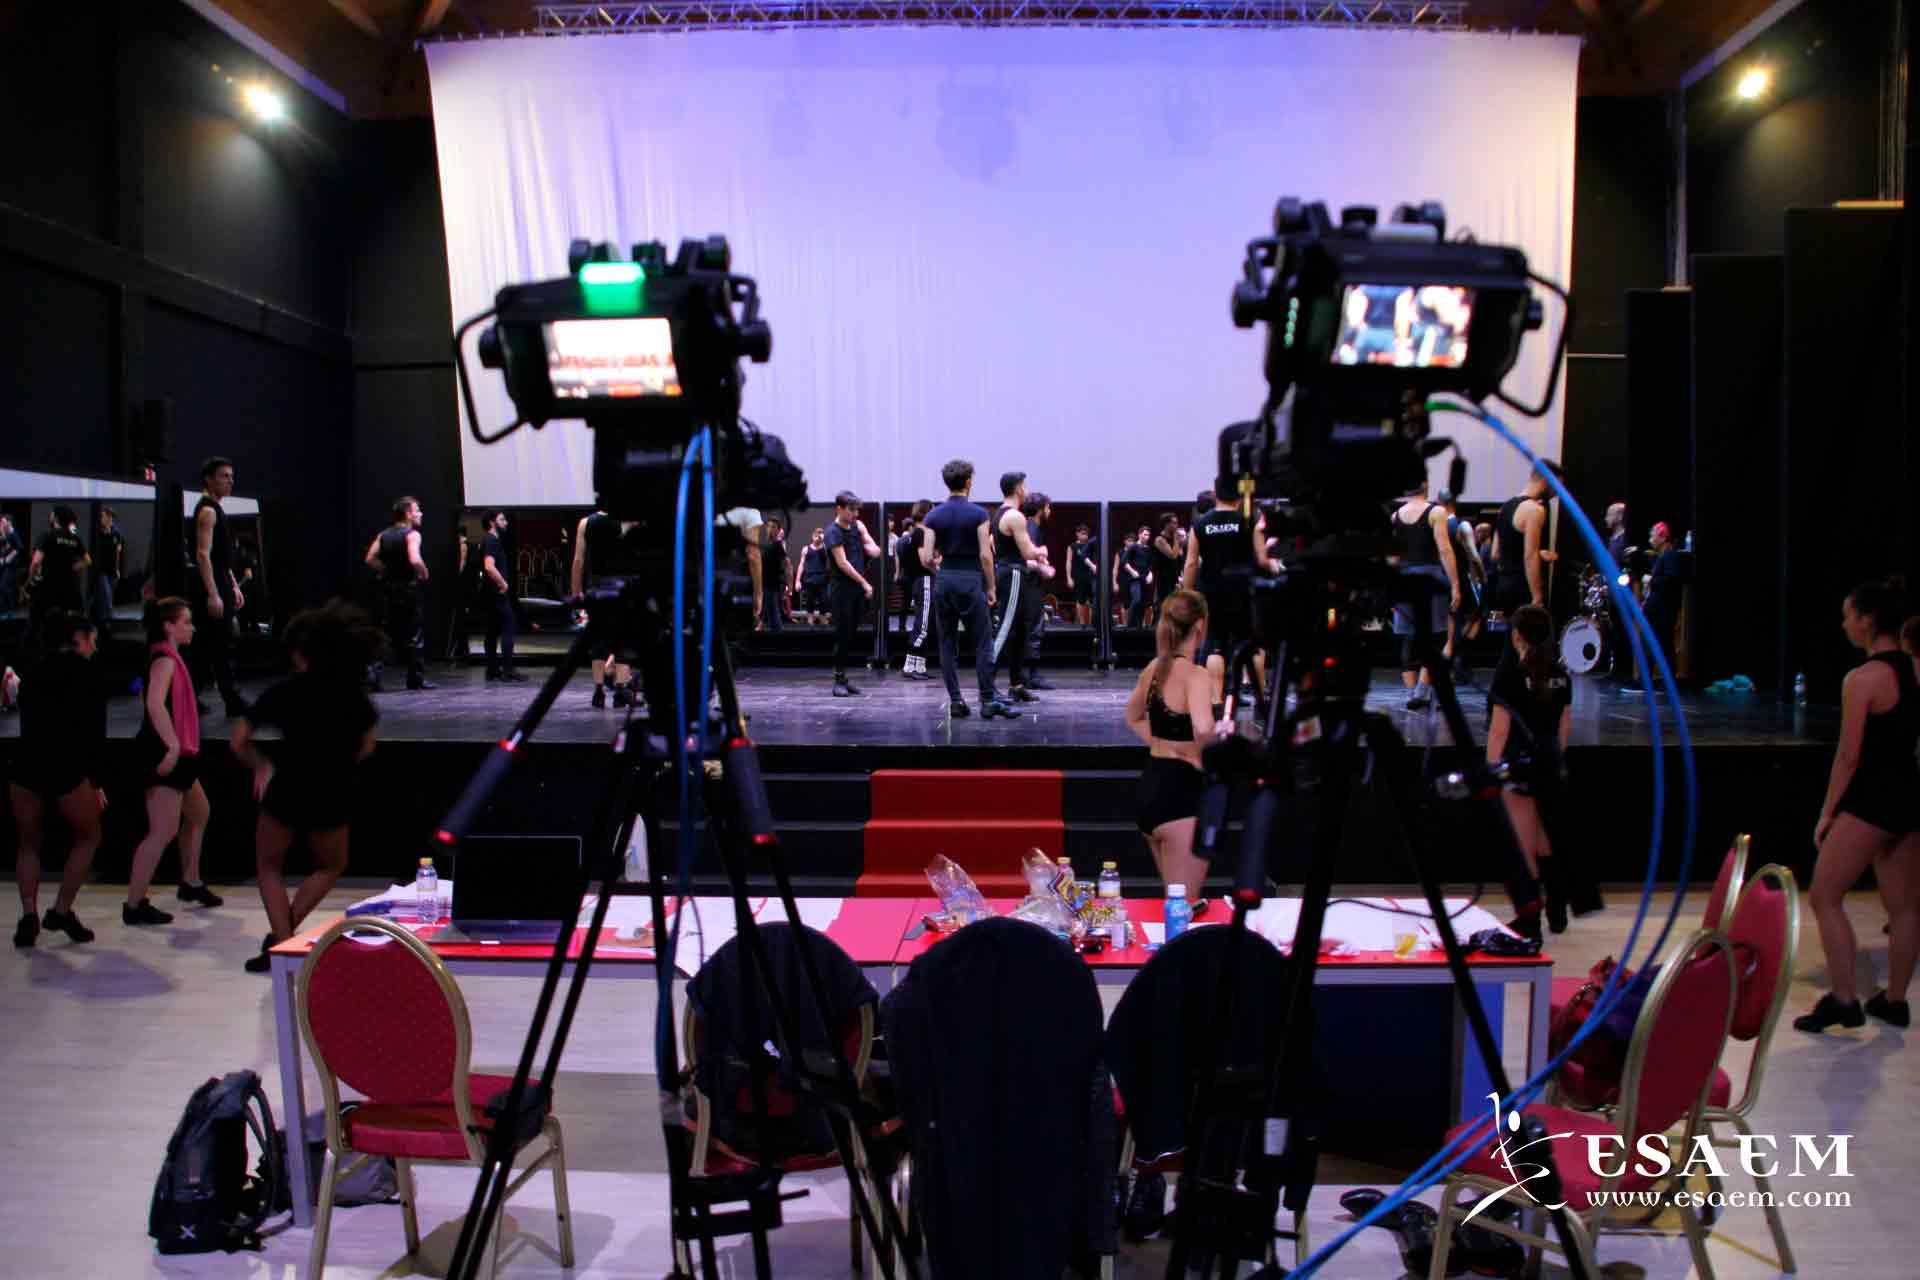 Instalaciones-ESAEM-teatro